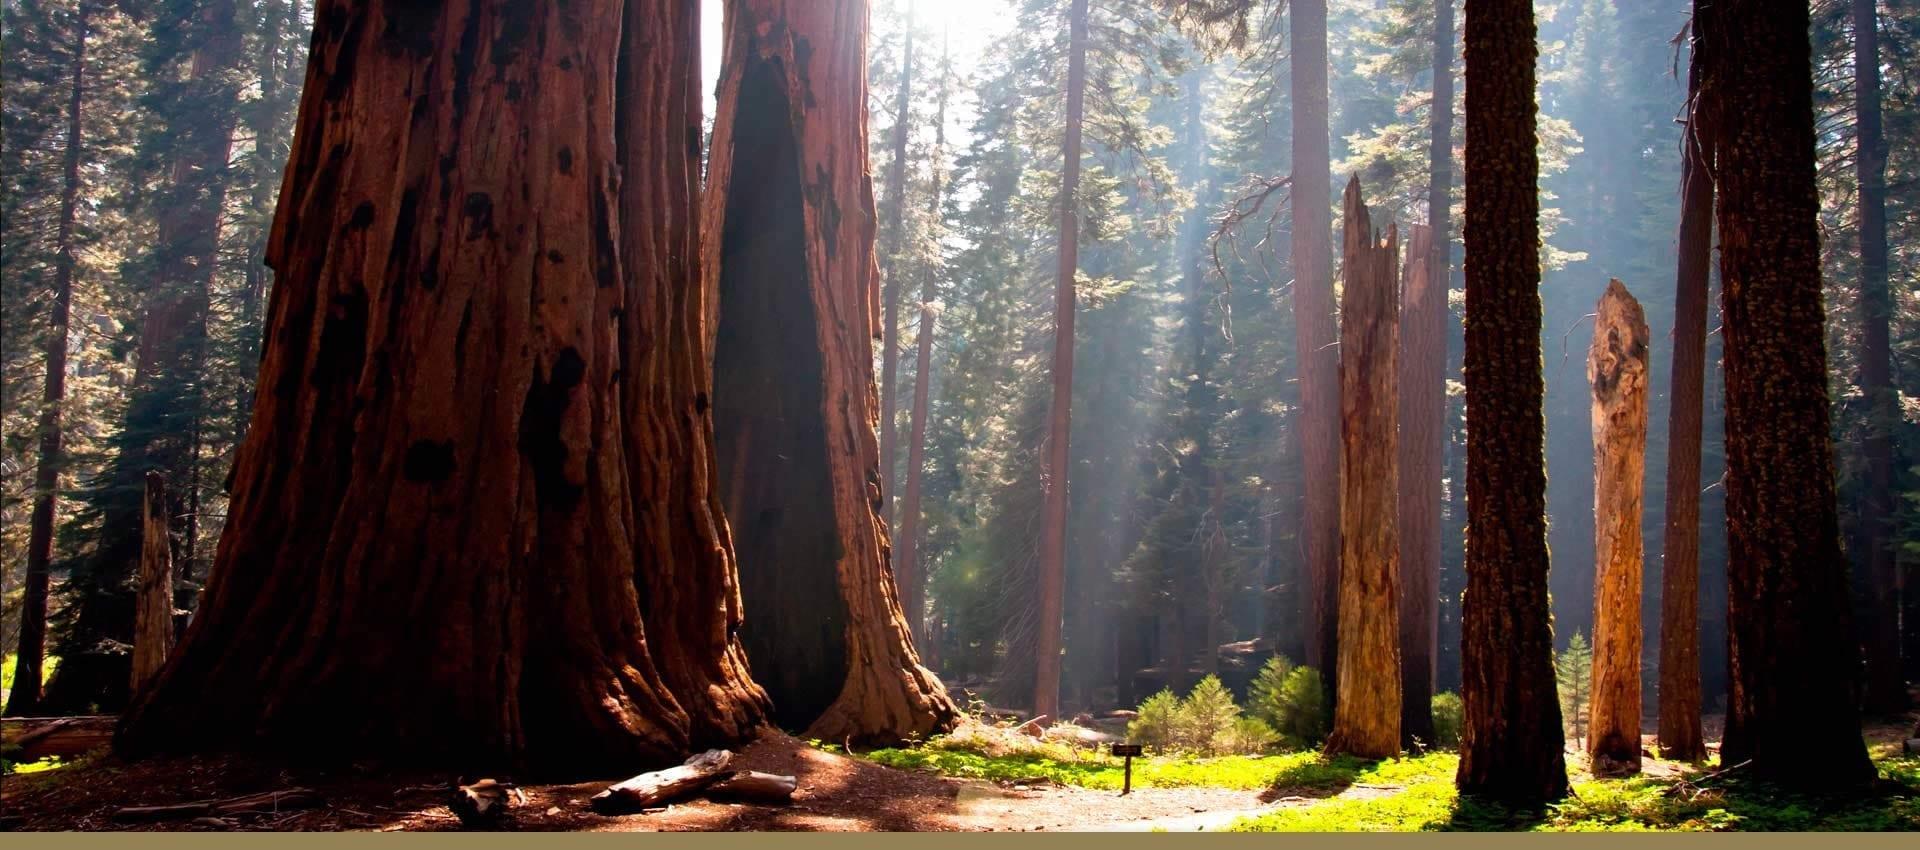 Explore the redwoods